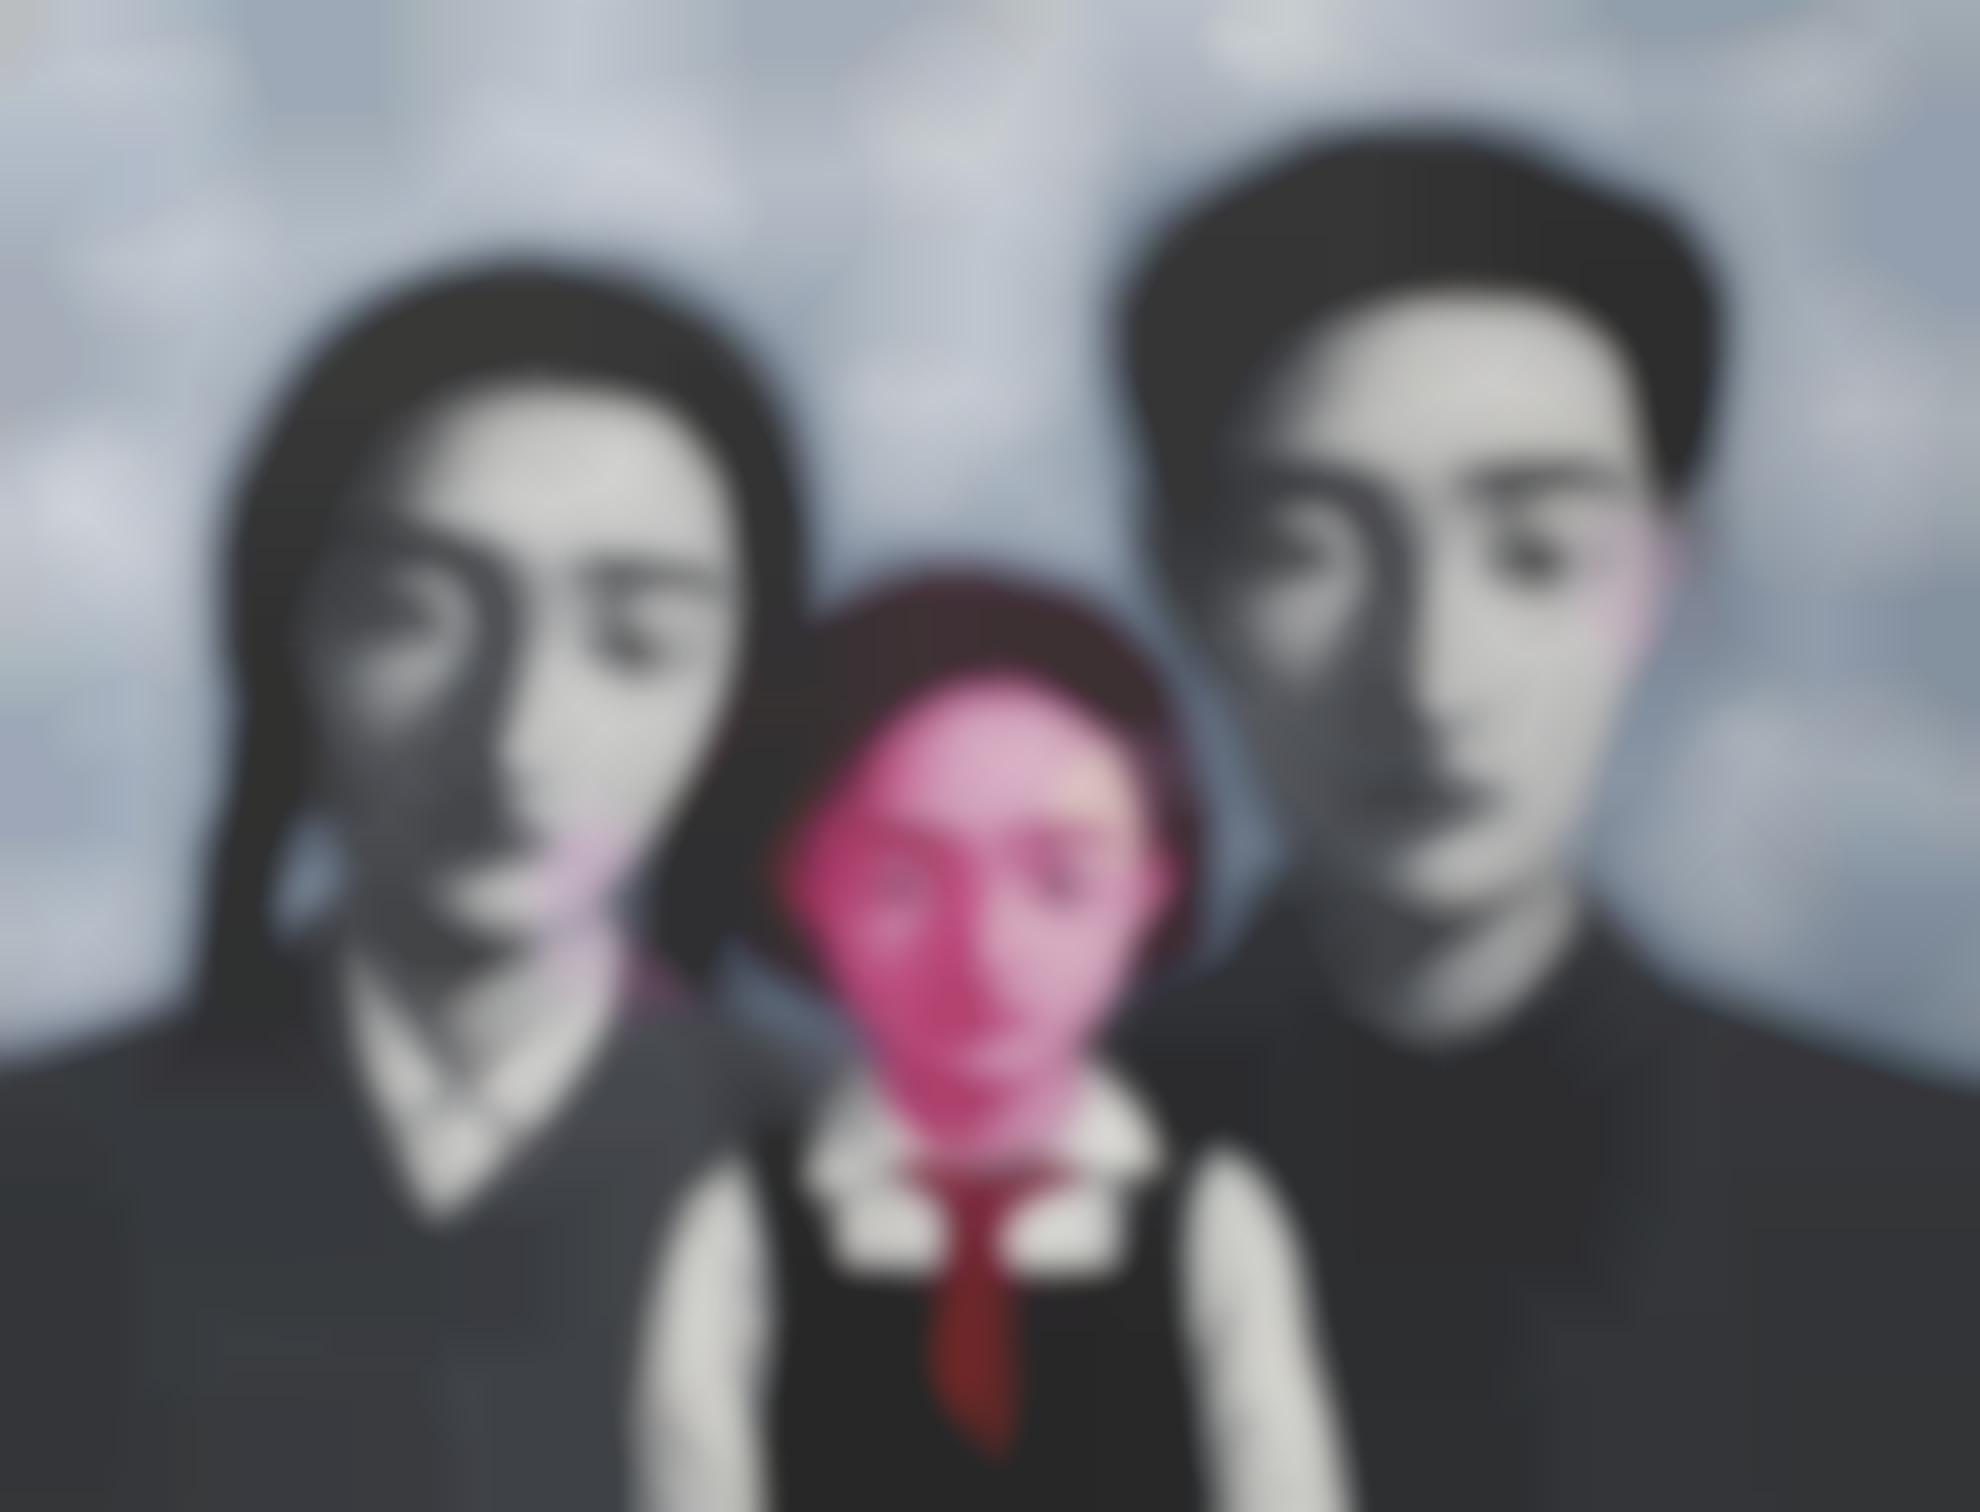 Zhang Xiaogang-Bloodline - The Big Family No. 1 1997-1997